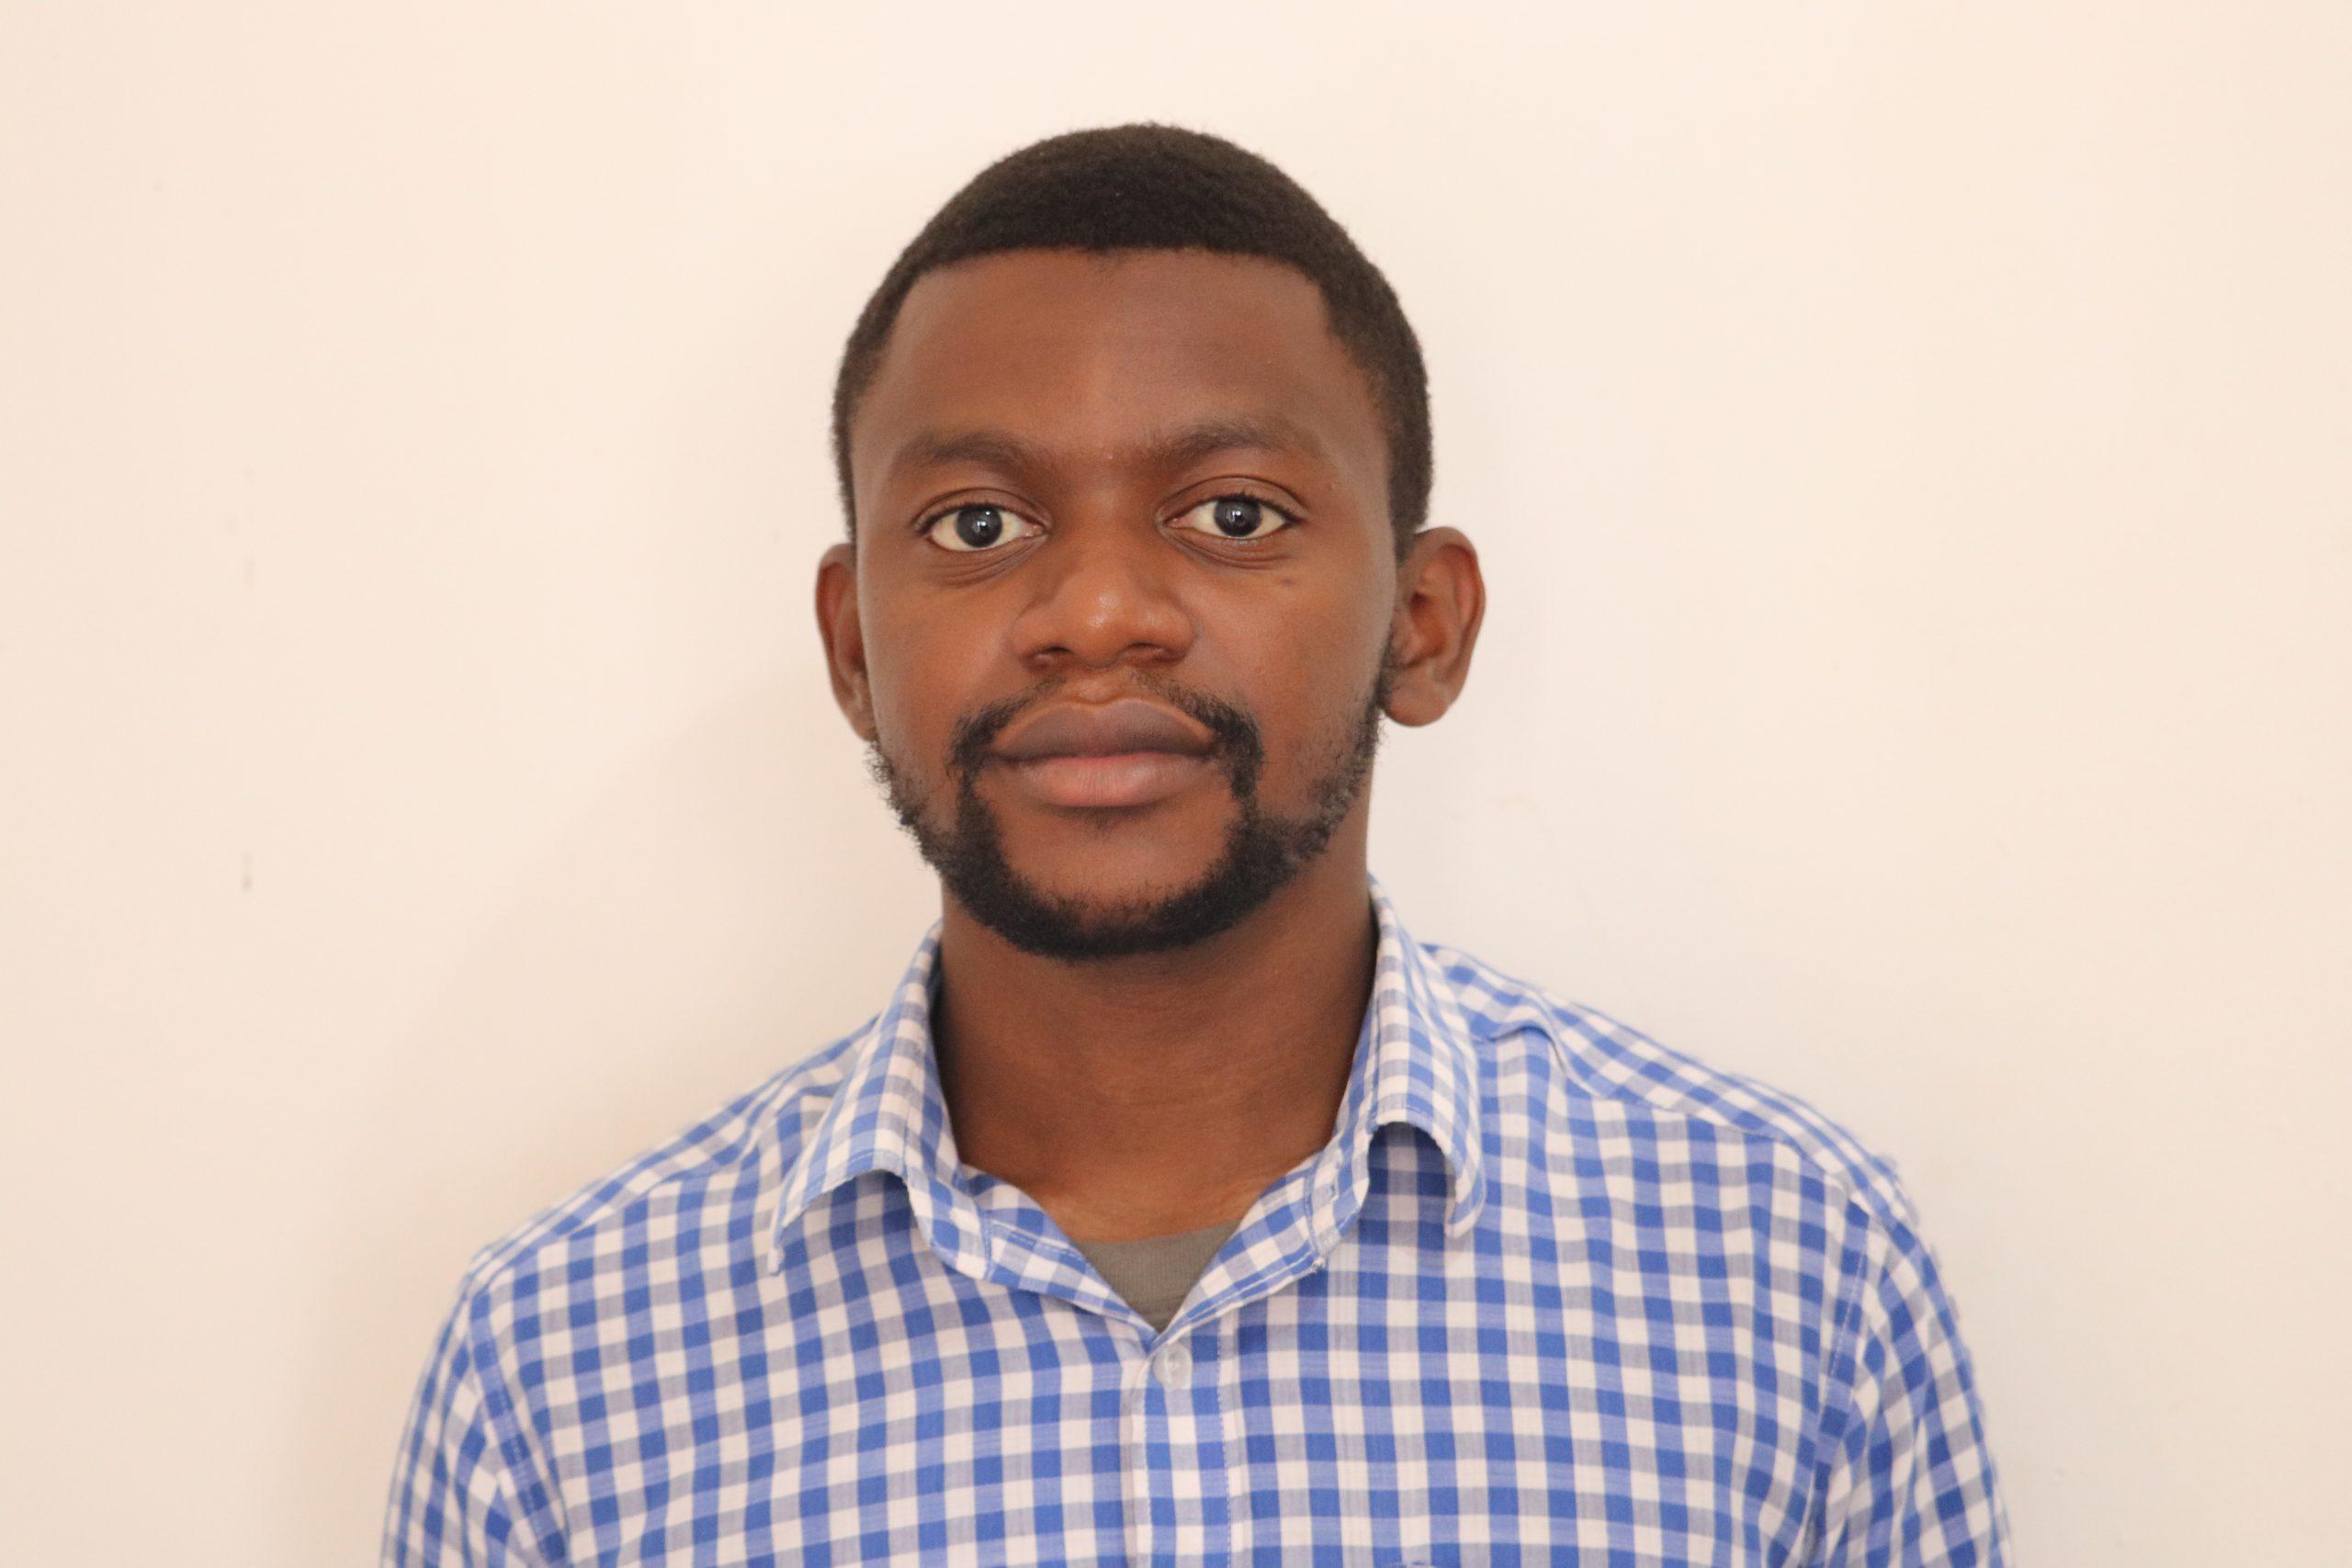 Mr. Mwila Mulumbi